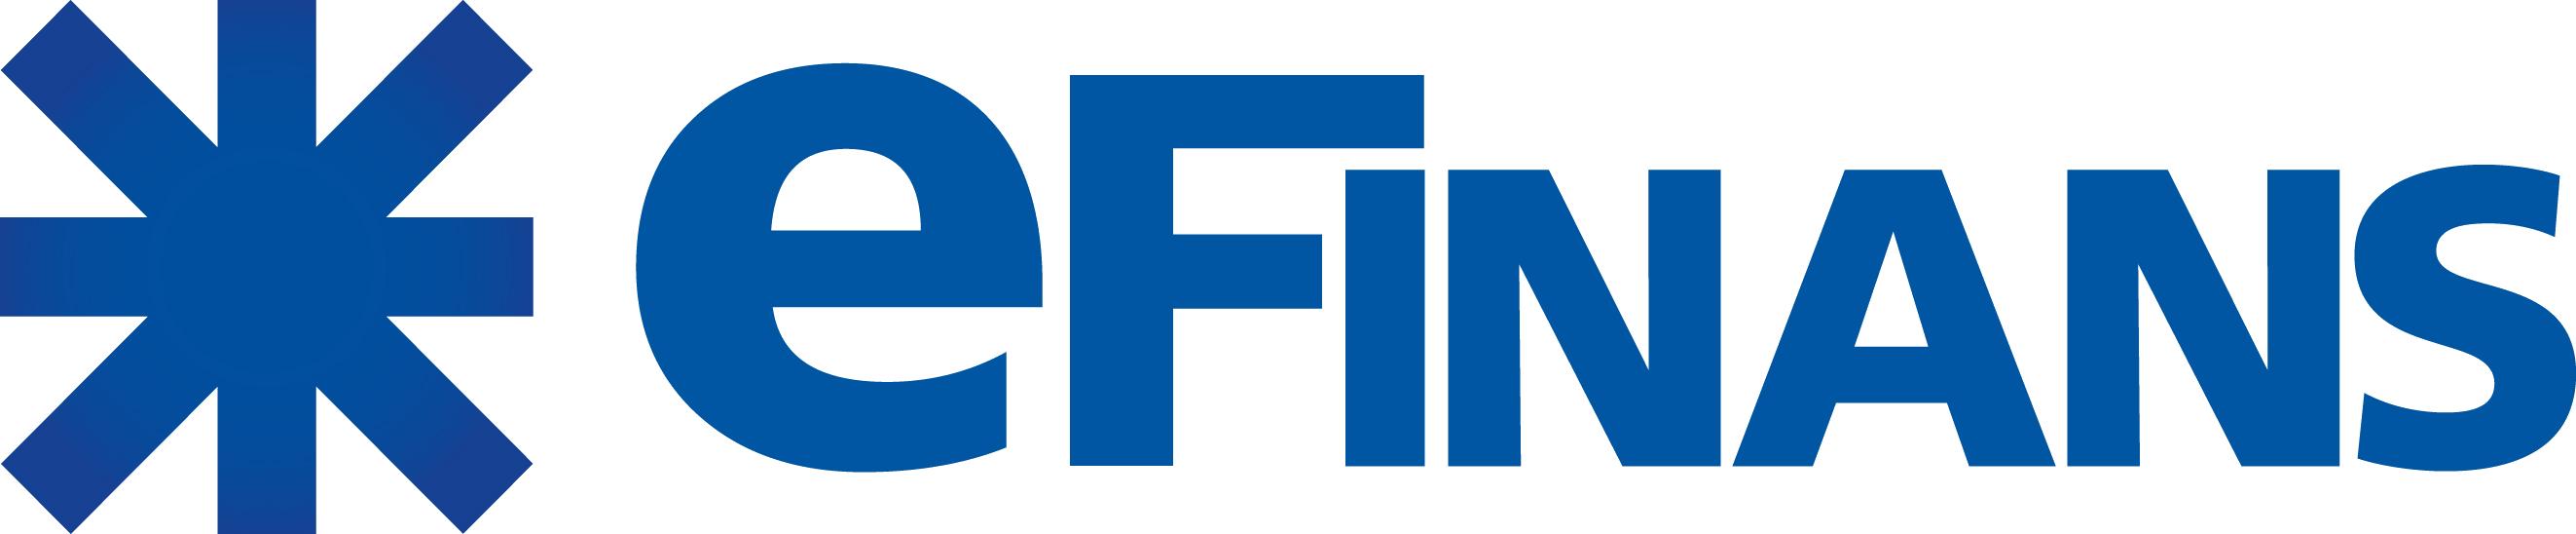 eFinans yeni projesiyle üniversitelerin girişimcilik merkezleri ve start-up'lara e-Faturadan 12 ay boyunca ücretsiz olarak faydalanma fırsatı sunuyor.